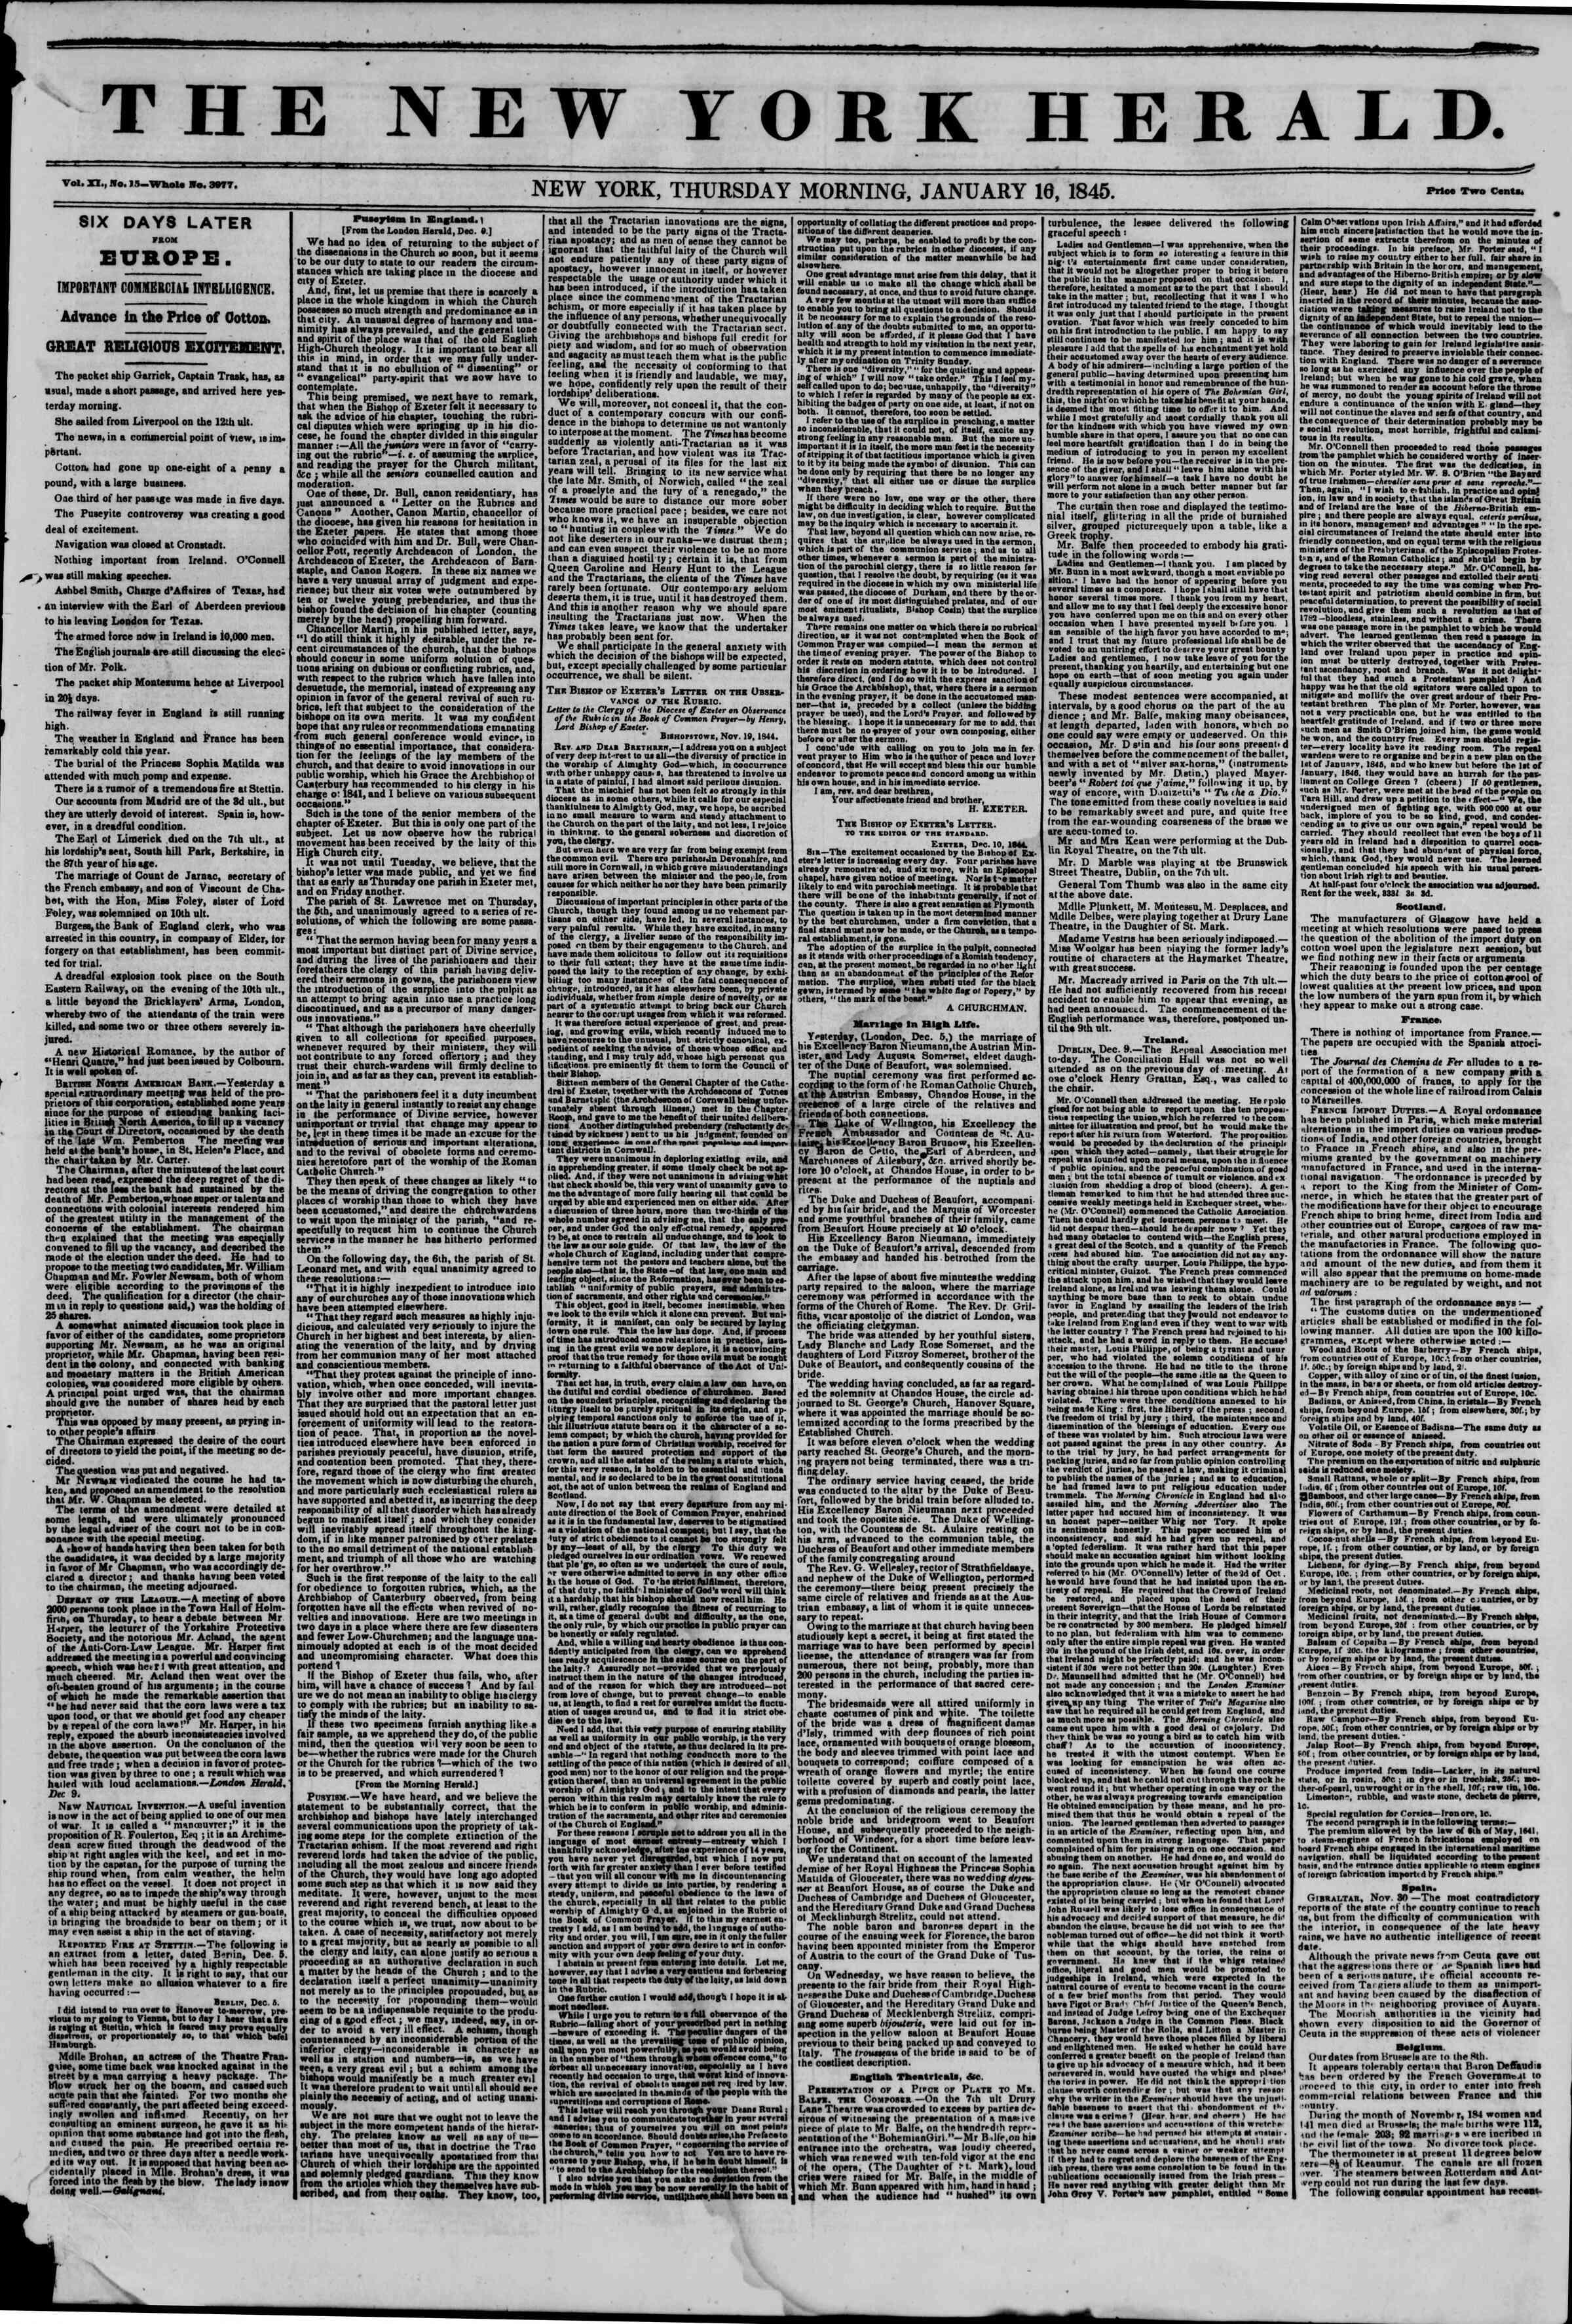 January 16, 1845 Tarihli The New York Herald Gazetesi Sayfa 1